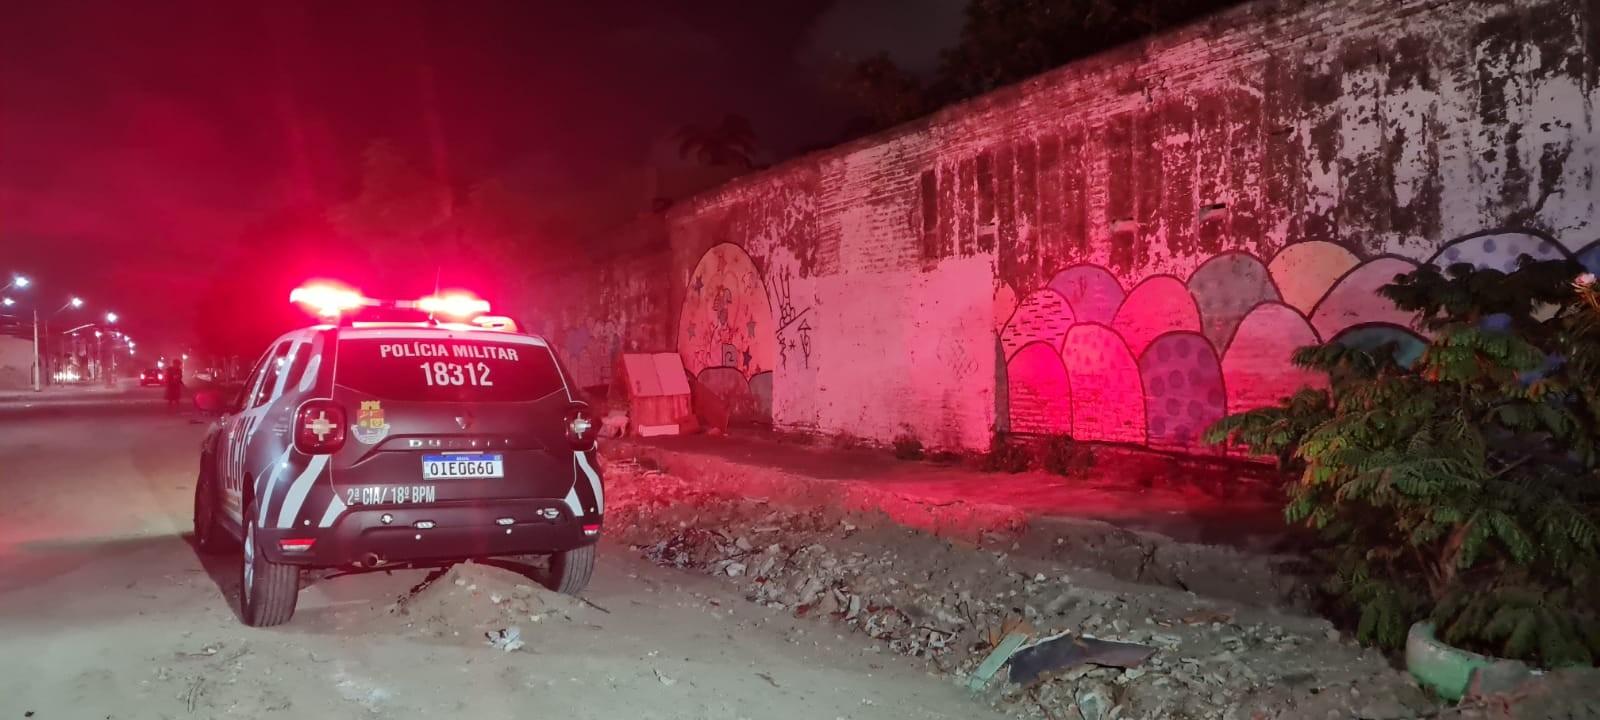 Jovem de 21 anos é morta a tiros na sala de casa no Bairro Goiabeiras, em Fortaleza